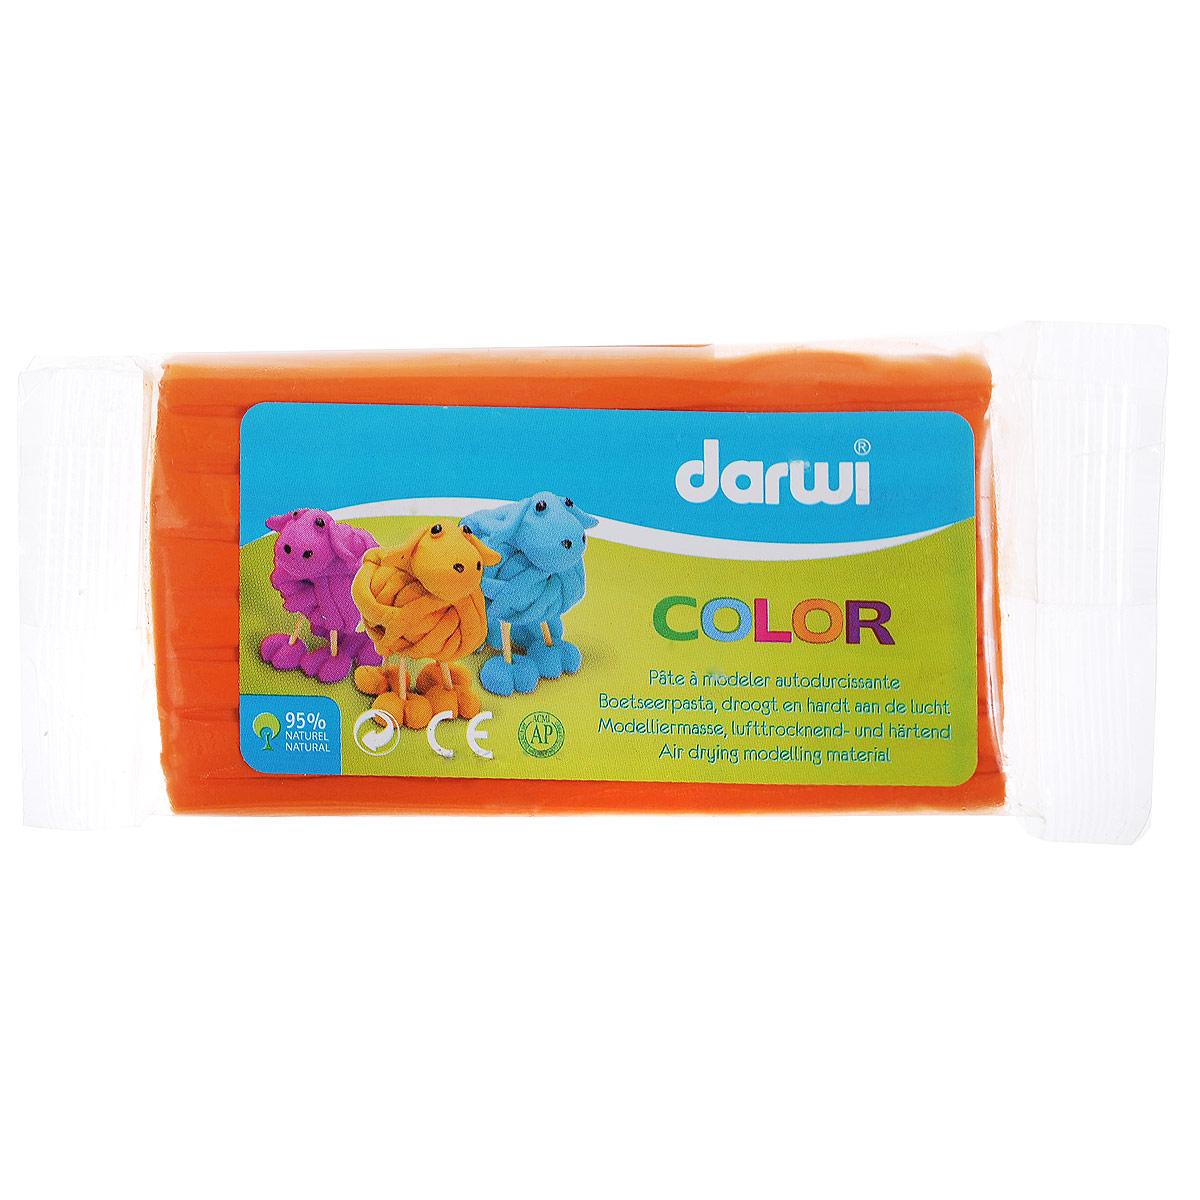 Масса для лепки Darwi Color, цвет: оранжевый (725), 100 г692533_752Масса для лепки Darwi Color - это однородная, самозатвердевающая полимерная глина, предназначенная для лепки. Уже готова к использованию. Масса прекрасно подойдет для детского творчества. Неоспоримое преимущество в том, что ее состав полностью из натуральных продуктов, поэтому масса для лепки гипоаллергенна. Немного пачкает руки. После полного высыхания (минимум 24 часа) масса становится очень твердой и дает небольшую усадку. При высыхании не трескается. После отверждения можно покрывать лаком, красками. Для получения нужных оттенков можно добавлять в массу масляную краску. Масса легко режется ножницами или ножом. Не рекомендуется давать детям до 3-х лет. Транспортировка и хранение только при положительной температуре.